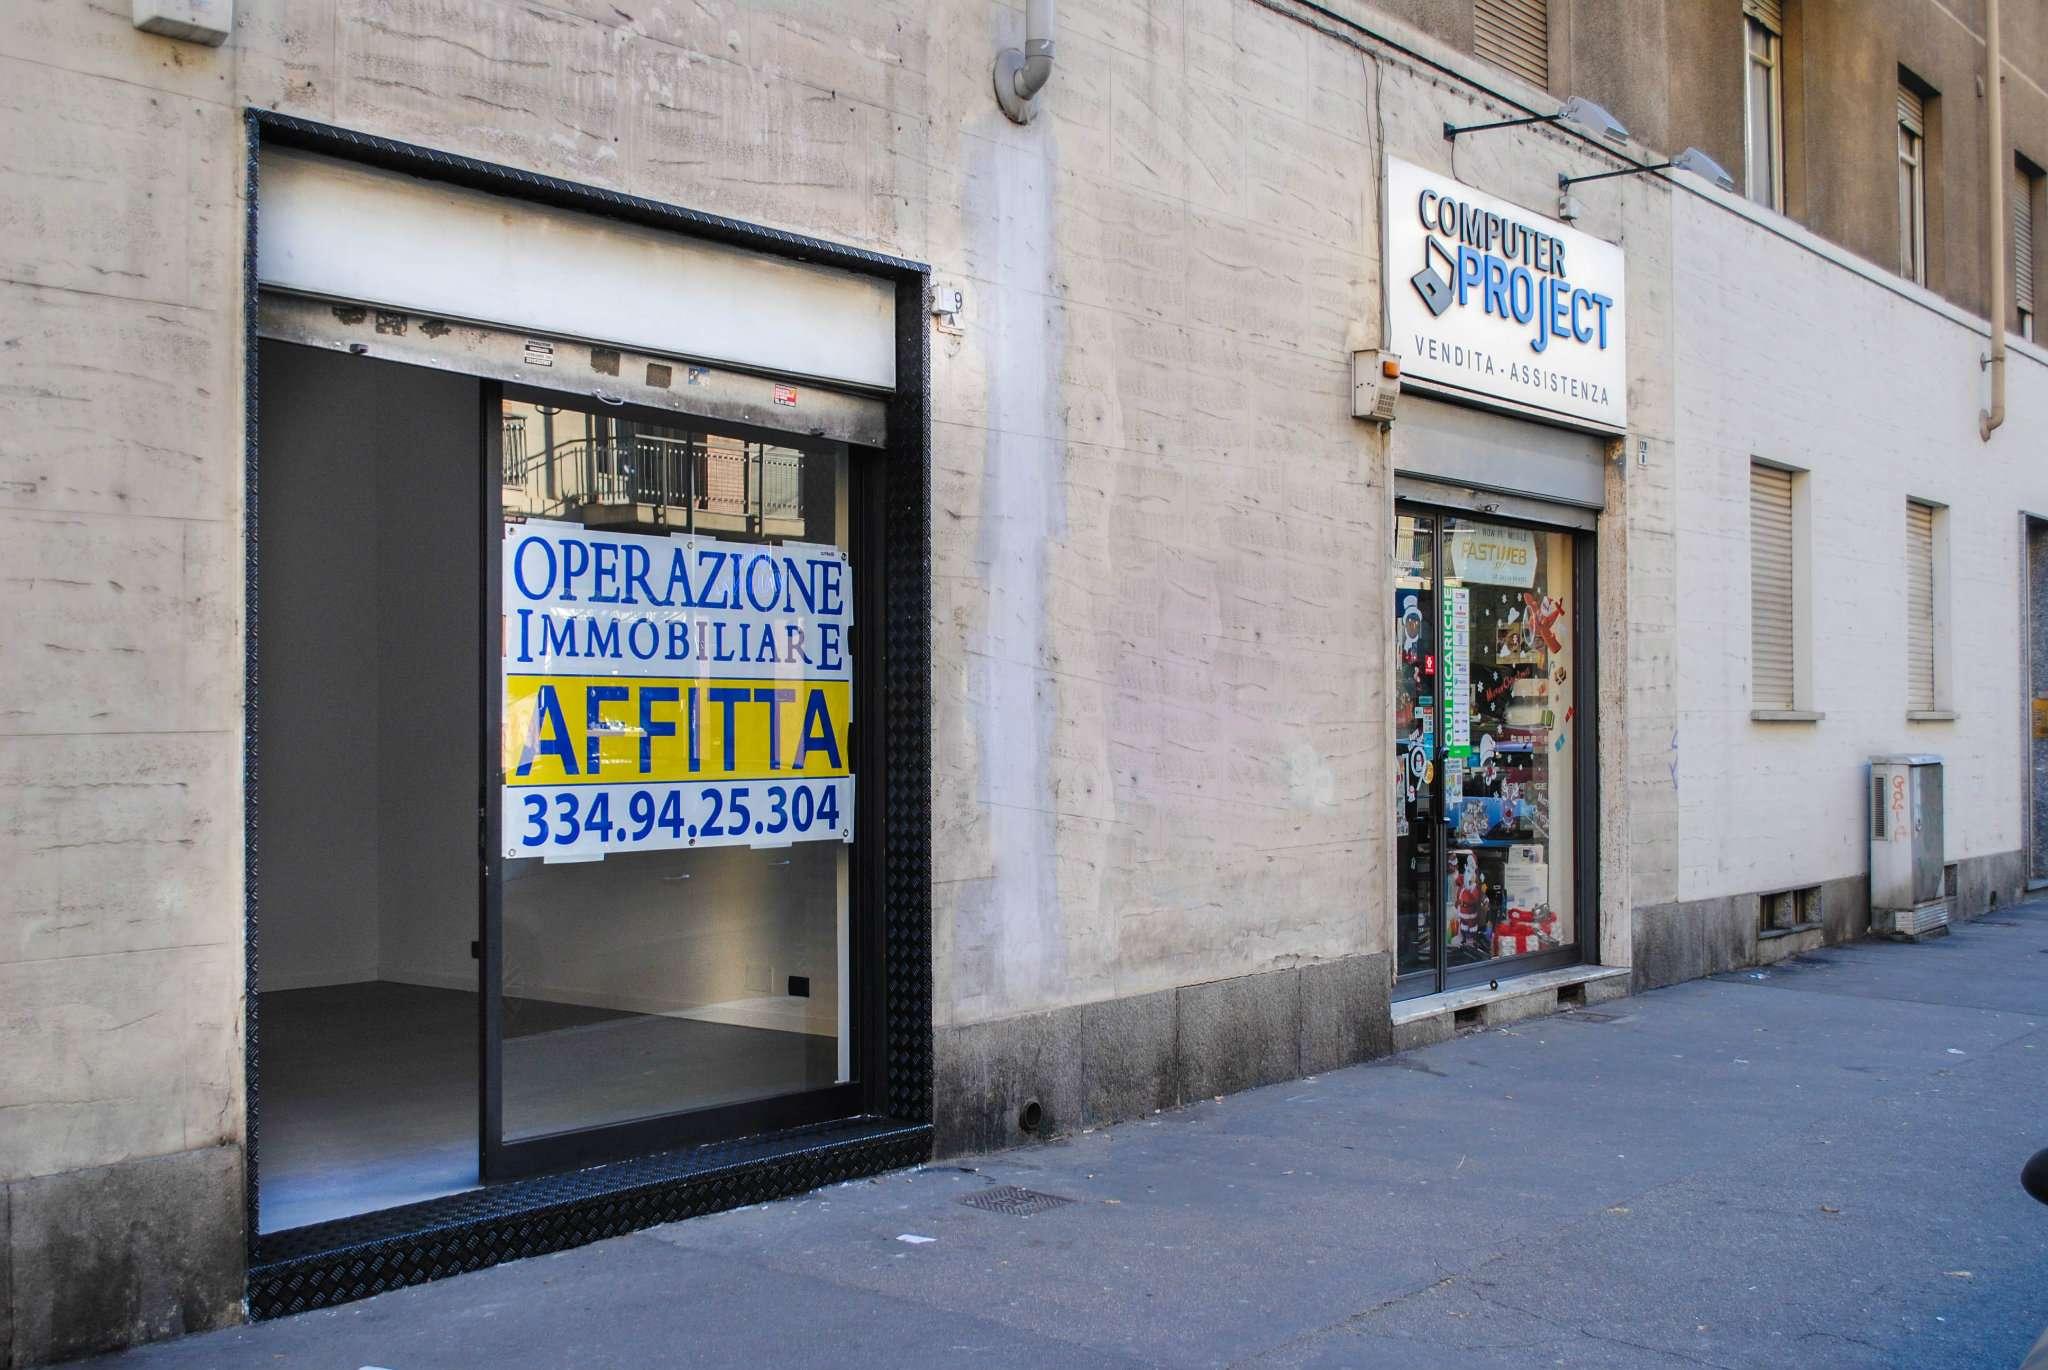 Negozio in affitto Zona Santa Rita - via Tripoli 179 Torino